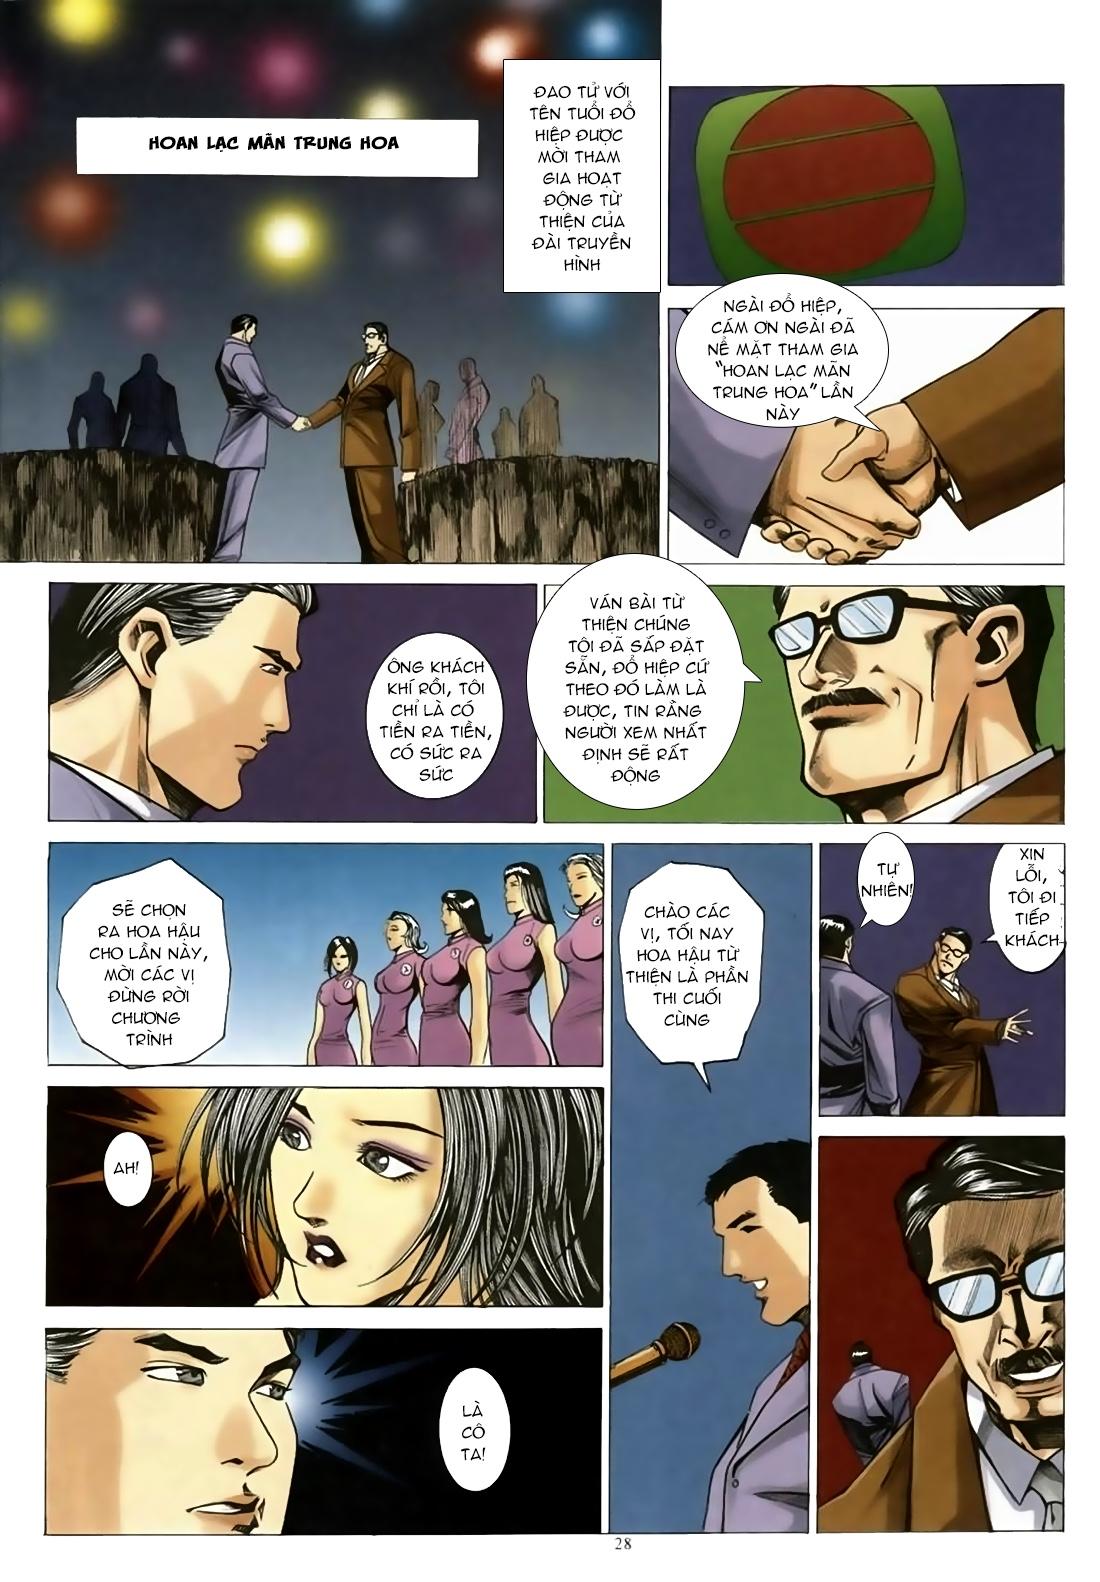 Đổ Hiệp Truyền Kỳ chap 1 - Trang 27